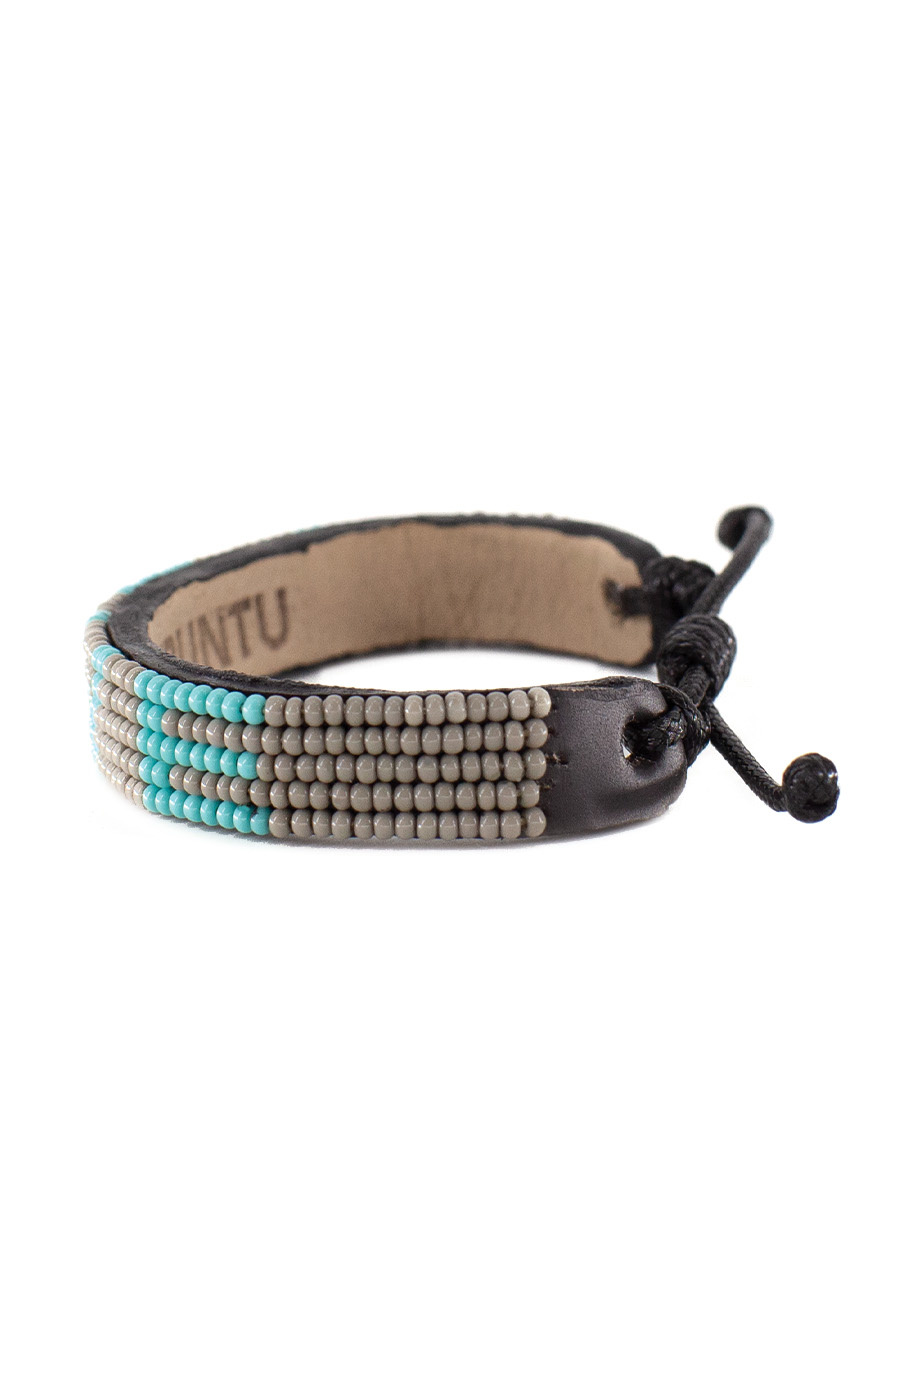 5 row LOVE Bracelet Grey/Turquoise-2